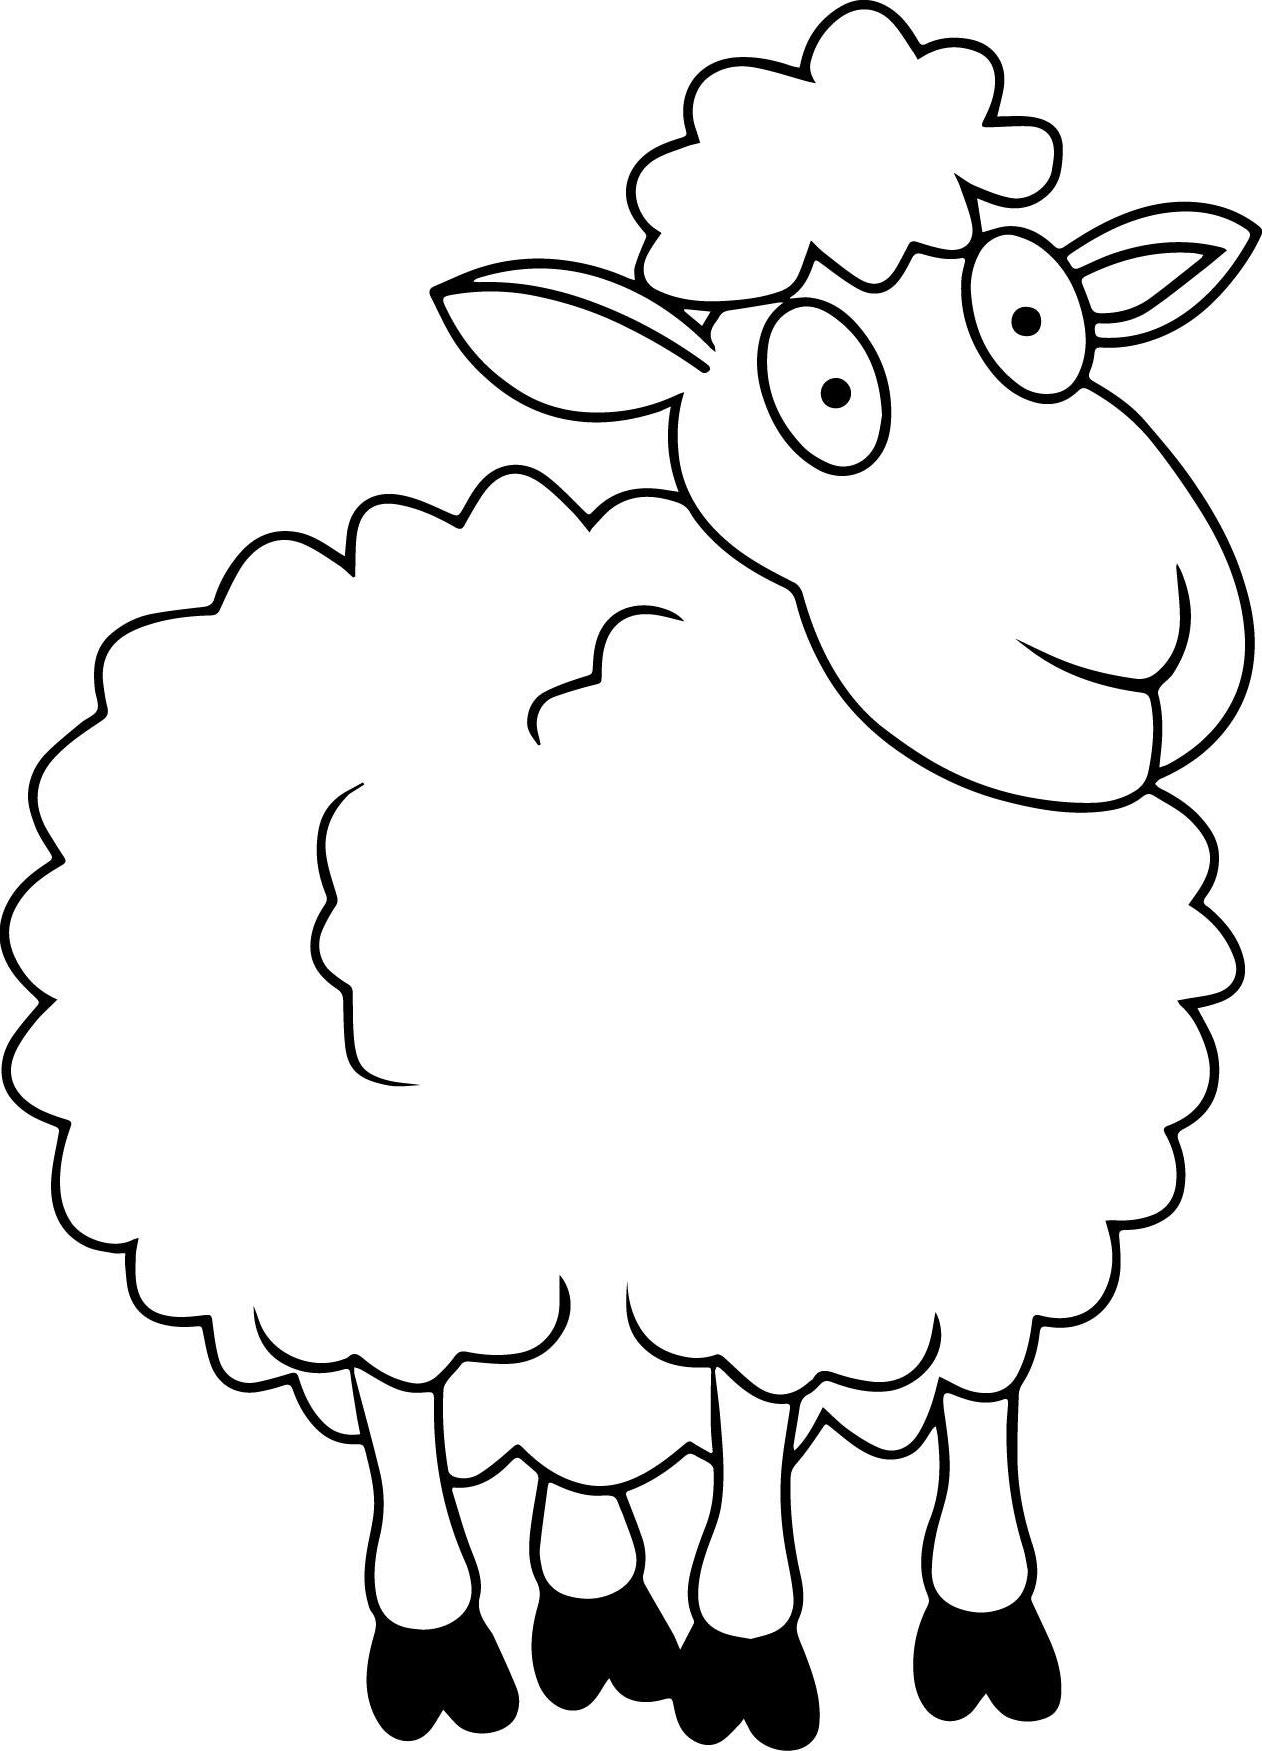 Mewarnai Gambar Domba   Kreasi Warna pertaining to Gambar Domba Sketsa